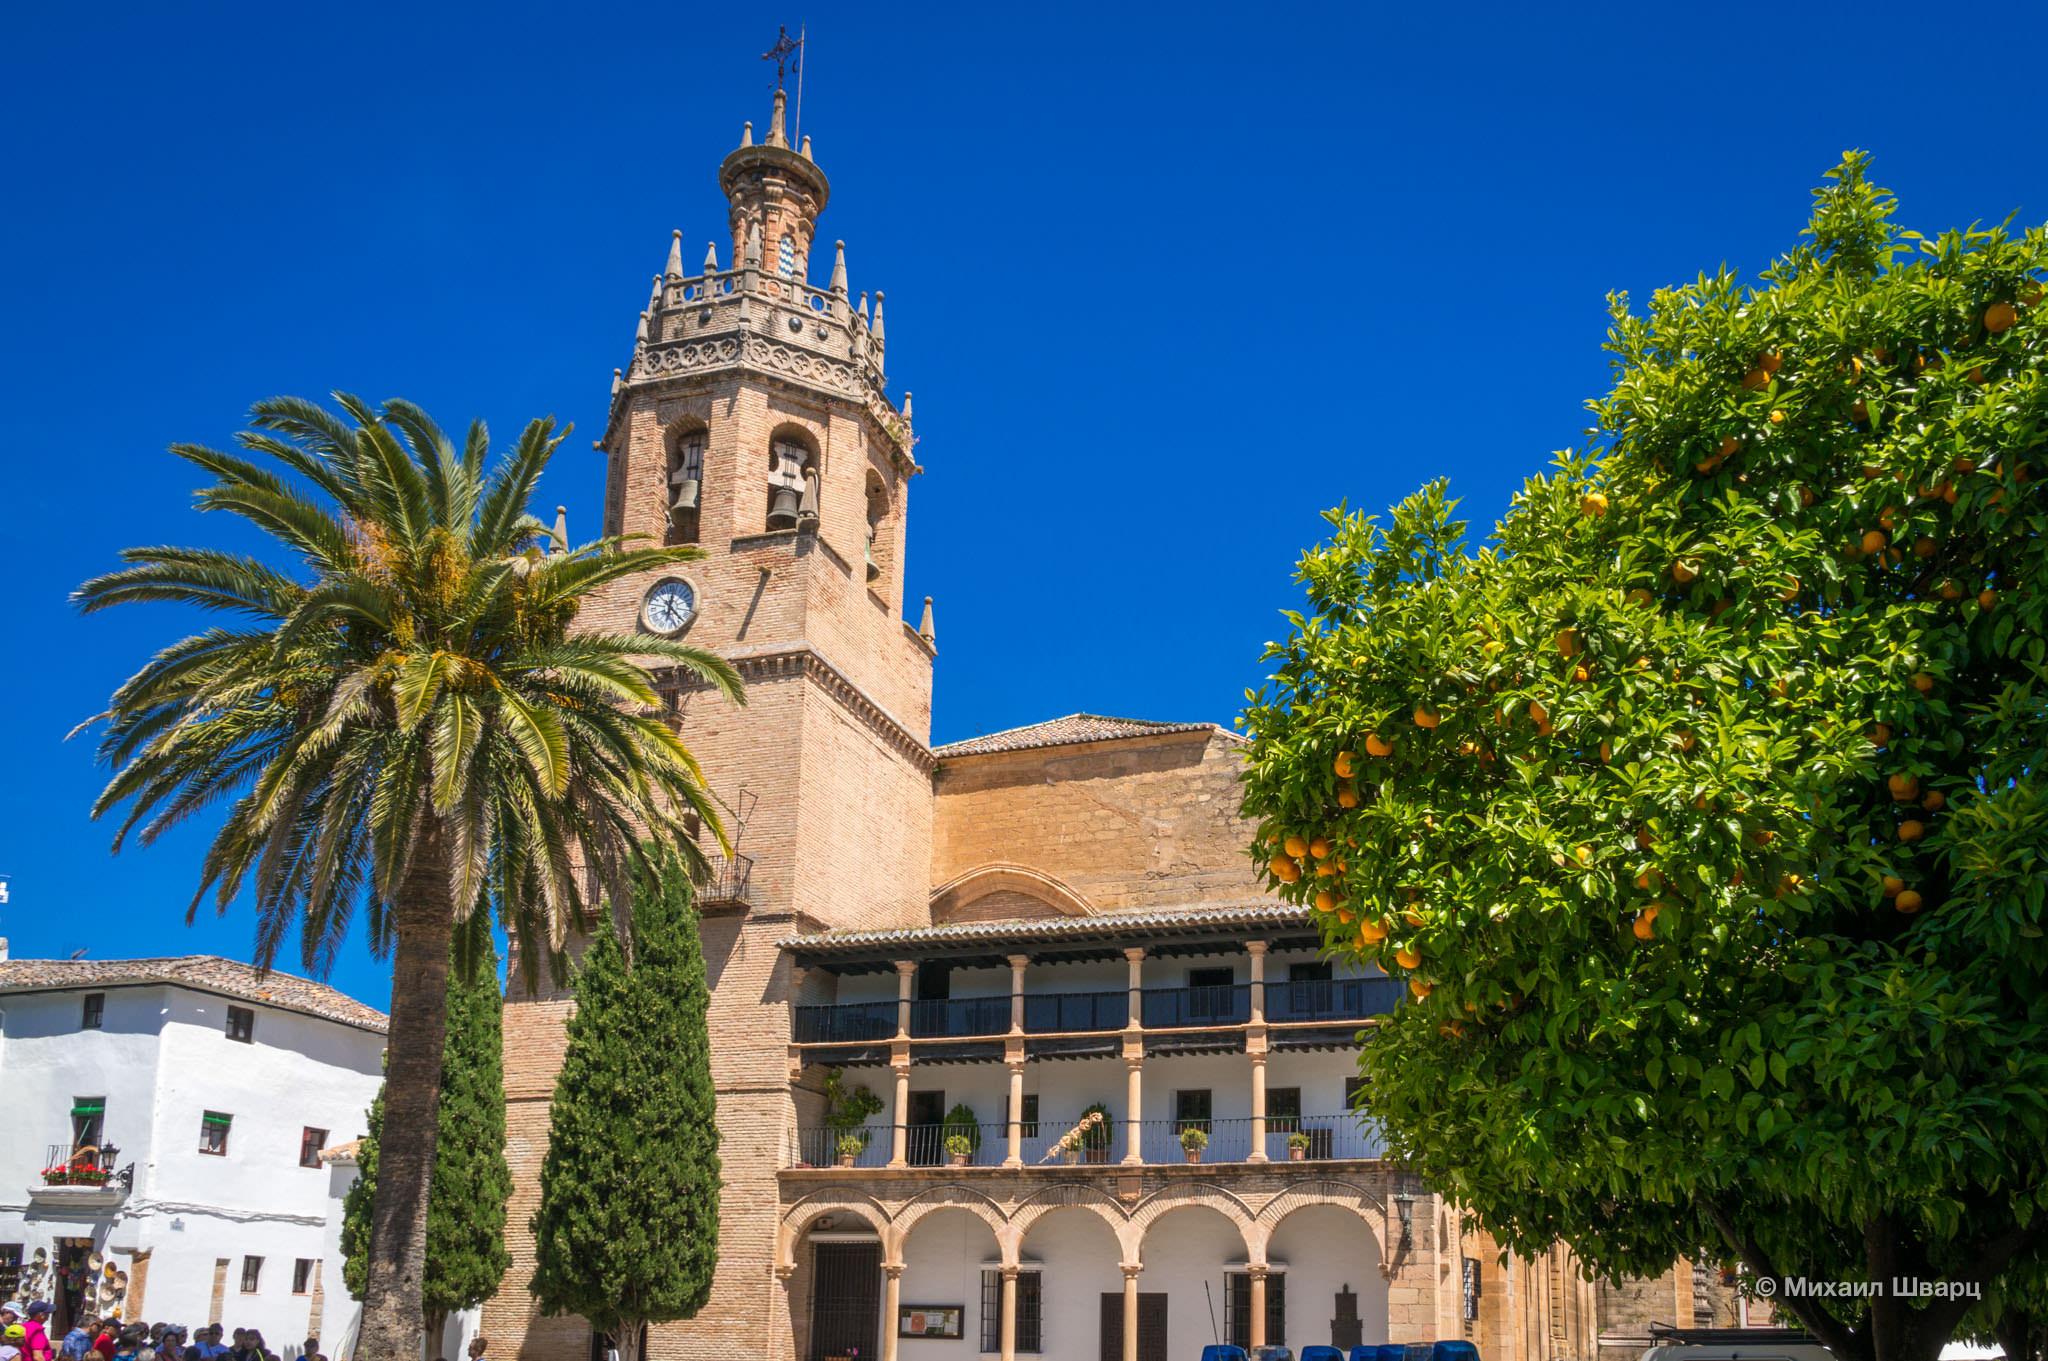 Main square (Plaza Mayor) Church of Santa Maria la Mayor